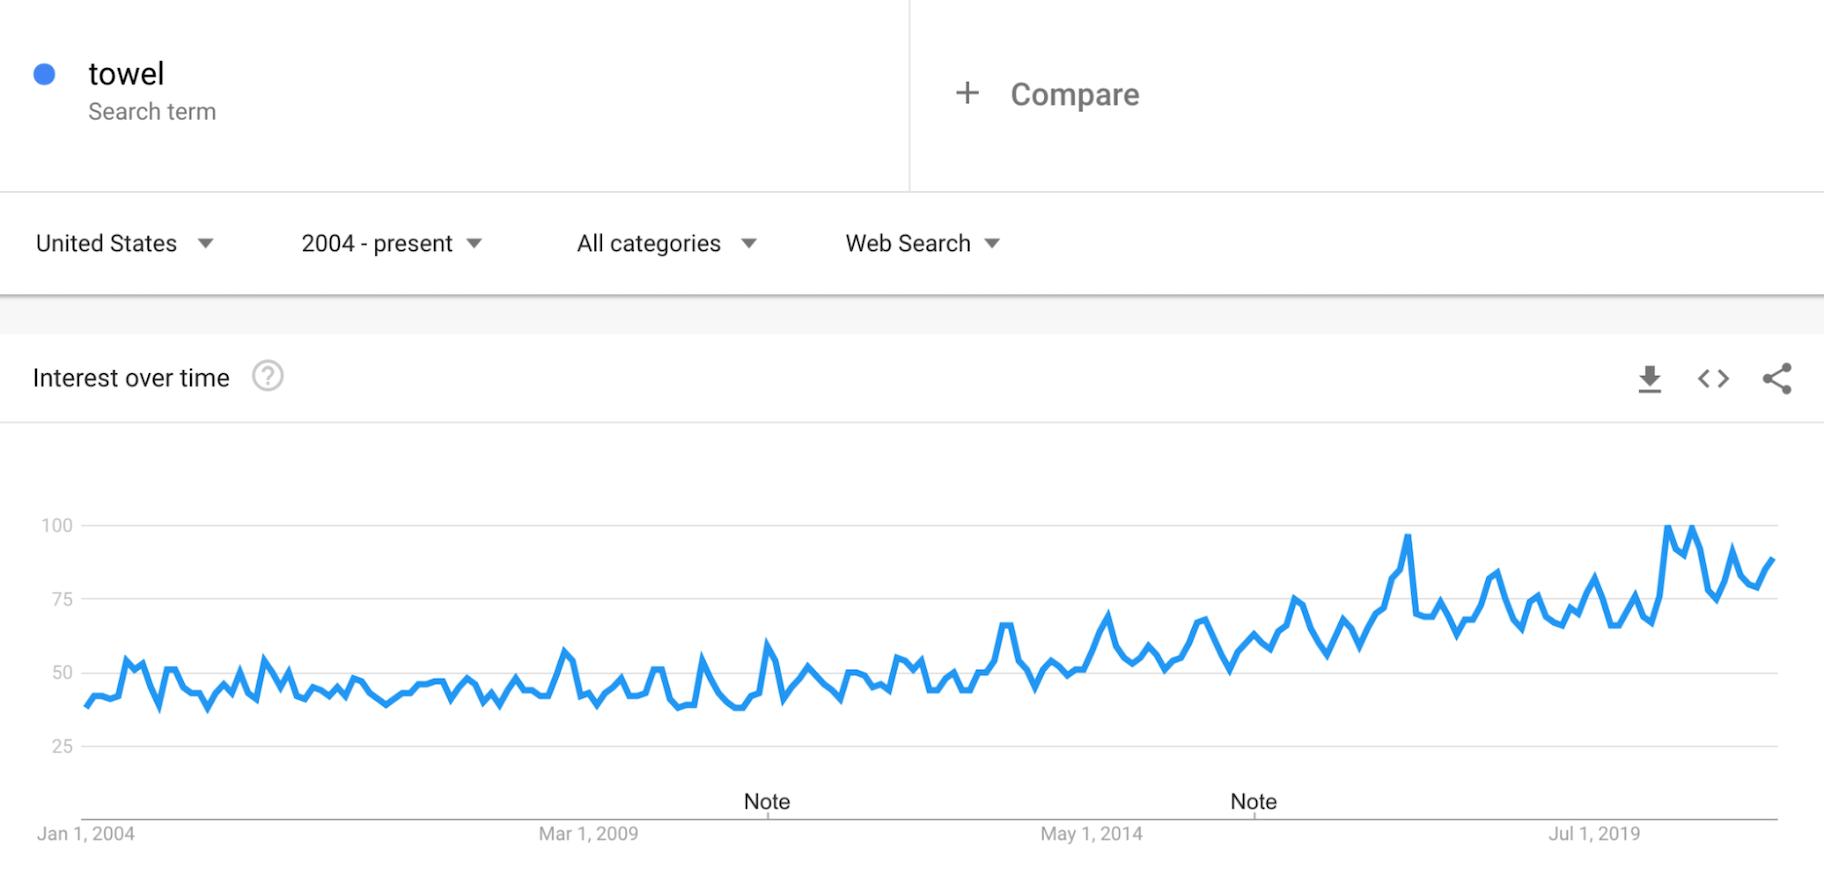 Google Trends: Towels